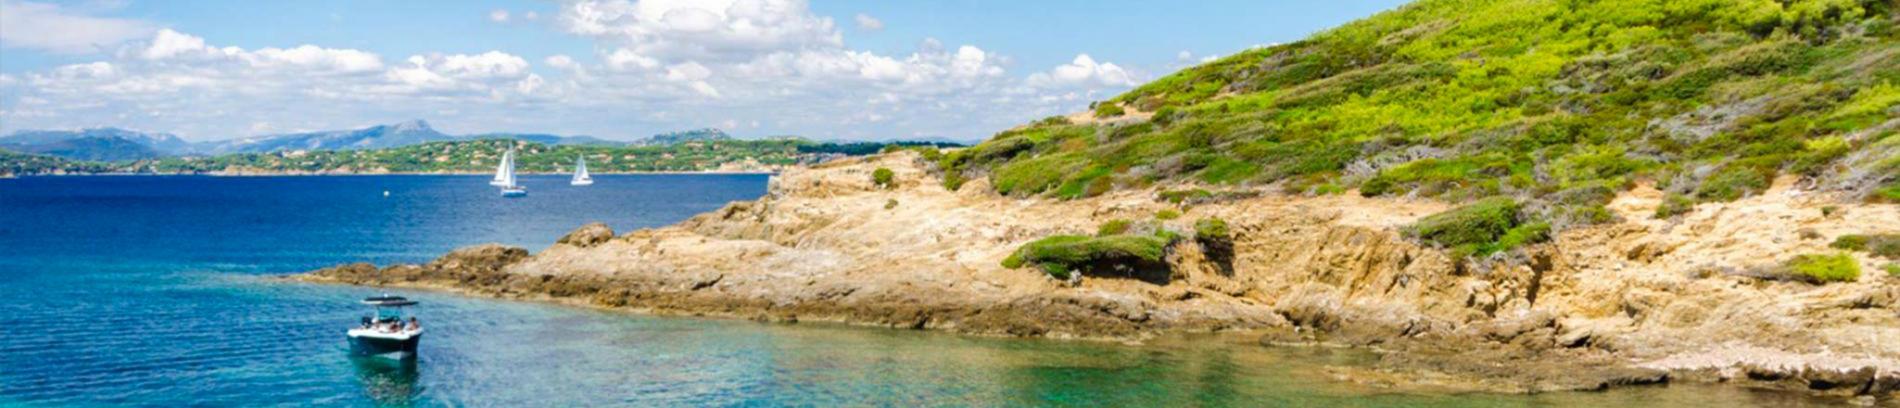 Slide Cote d'Azur